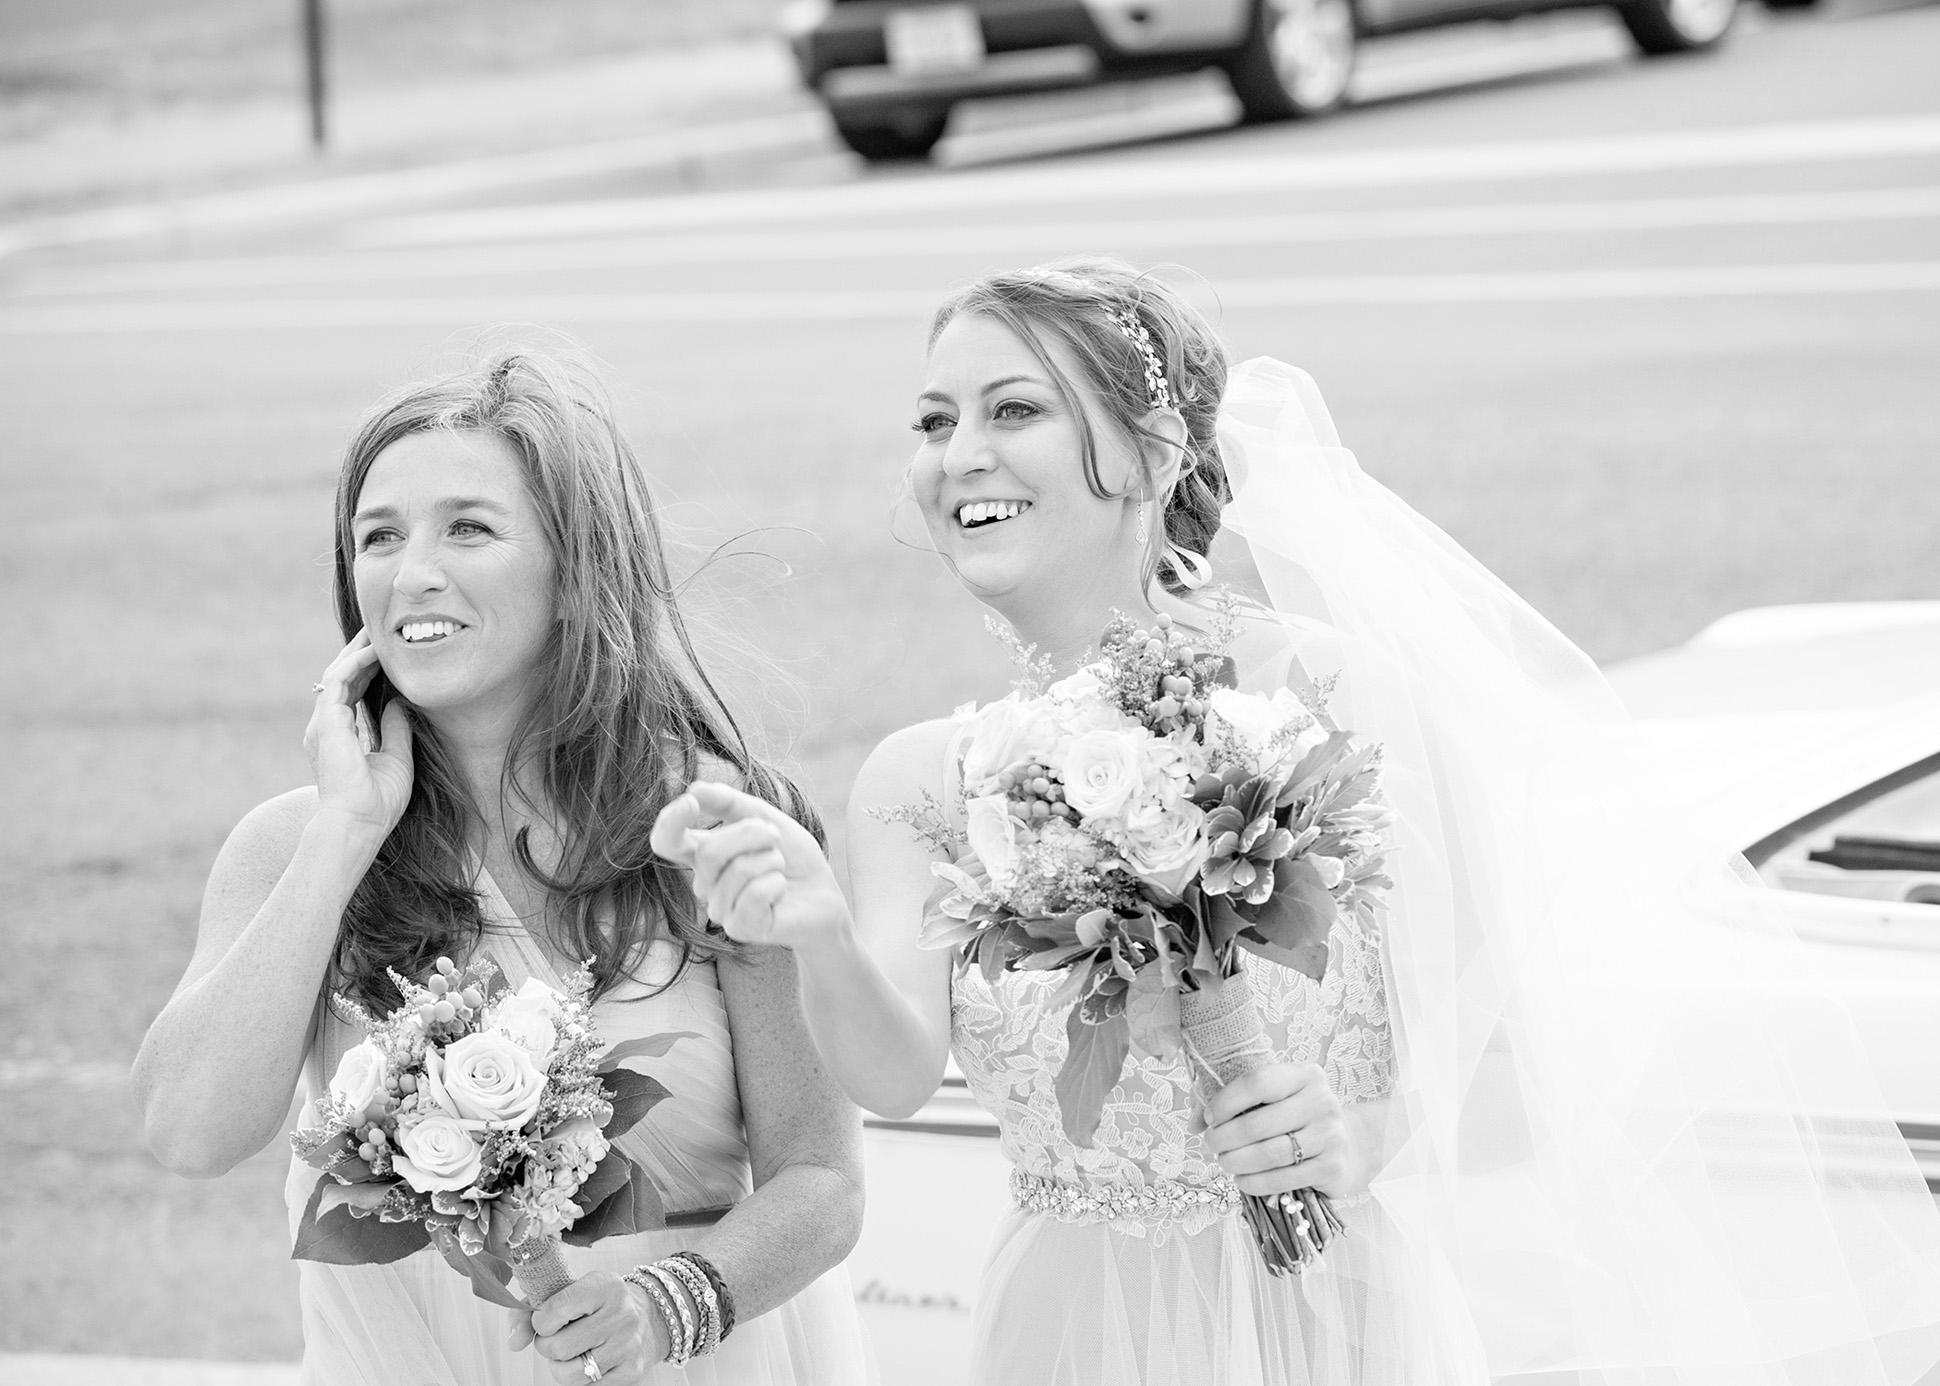 19-Sara Stadtmiller-SRS-Photography-Asbury-Park-Wedding-Photographer-Monmouth-County-Wedding-Photographer-NJ-Wedding-Photographer-Avon-by-the-Sea-Wedding-The-Columns-Wedding